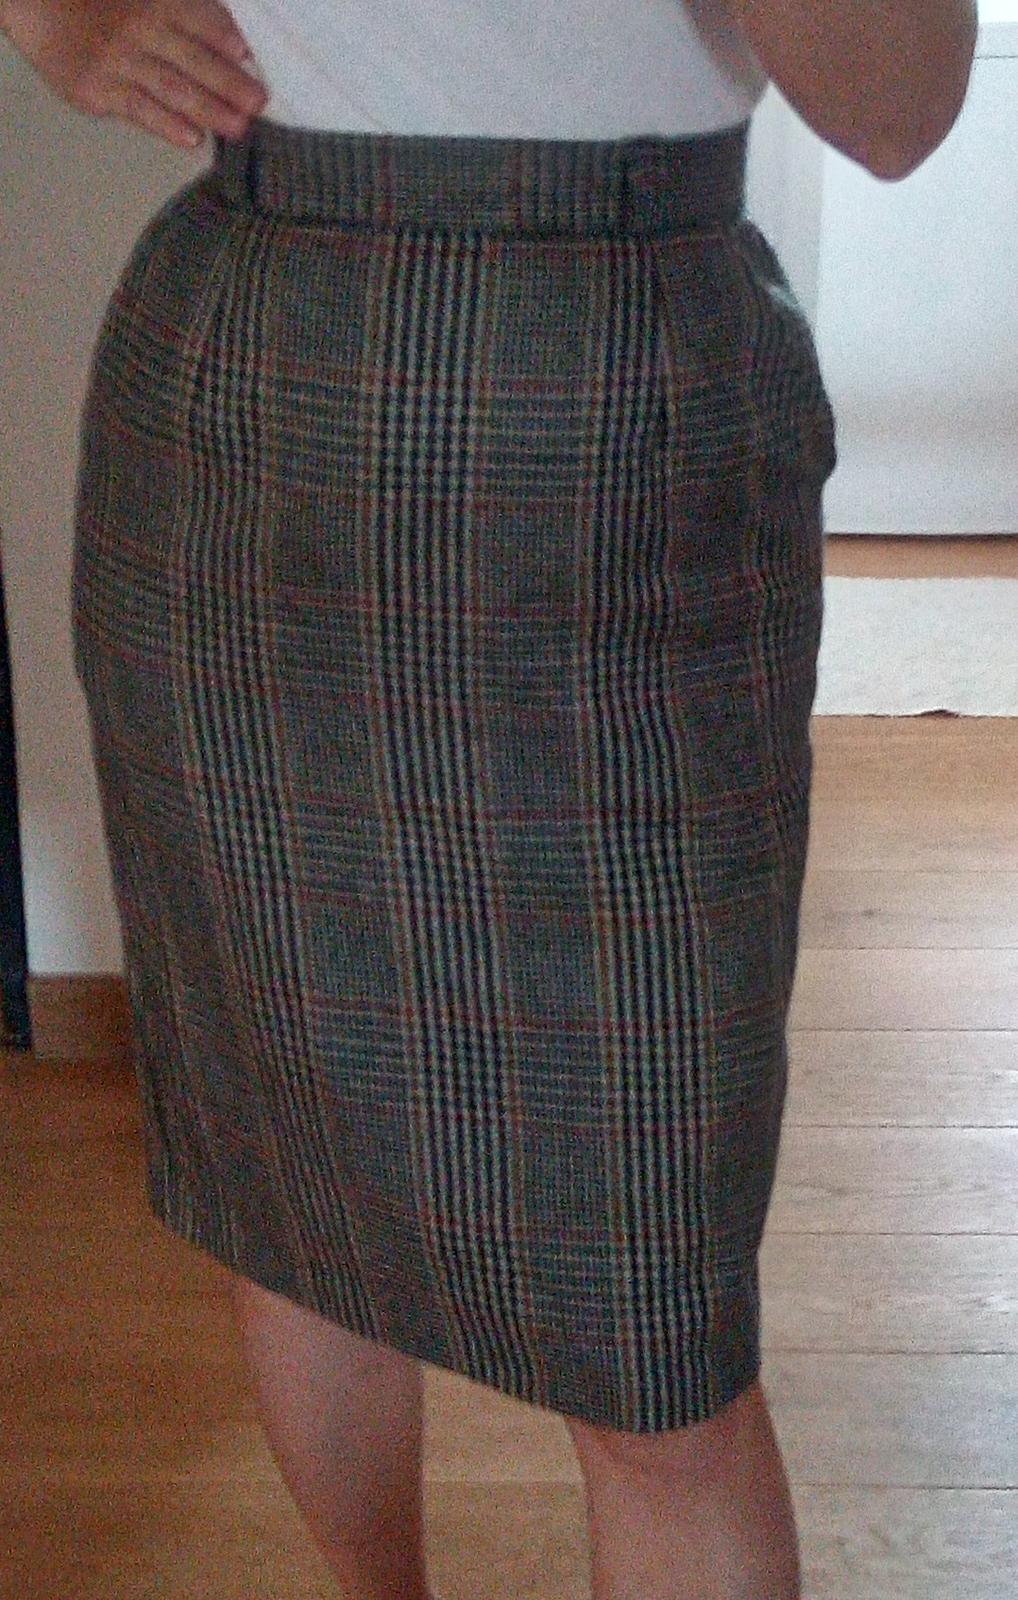 Károvaná vlnená sukňa S - Obrázok č. 1